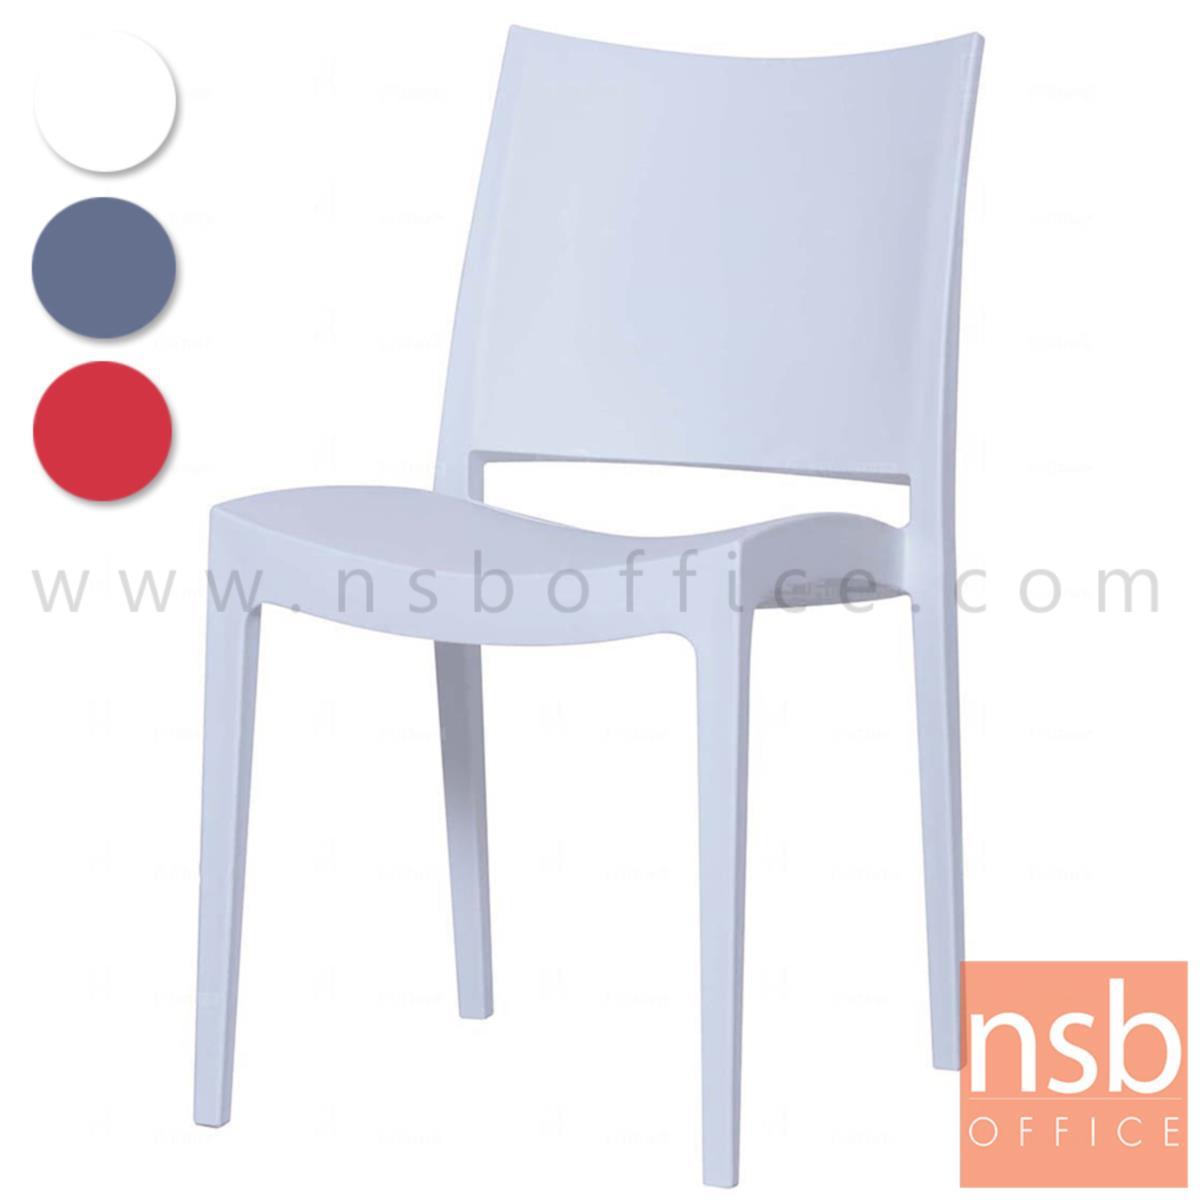 เก้าอี้โมเดิร์นพลาสติกโพลี่ รุ่น Hepburn (เฮปเบิร์น)  ขนาด 43W cm.